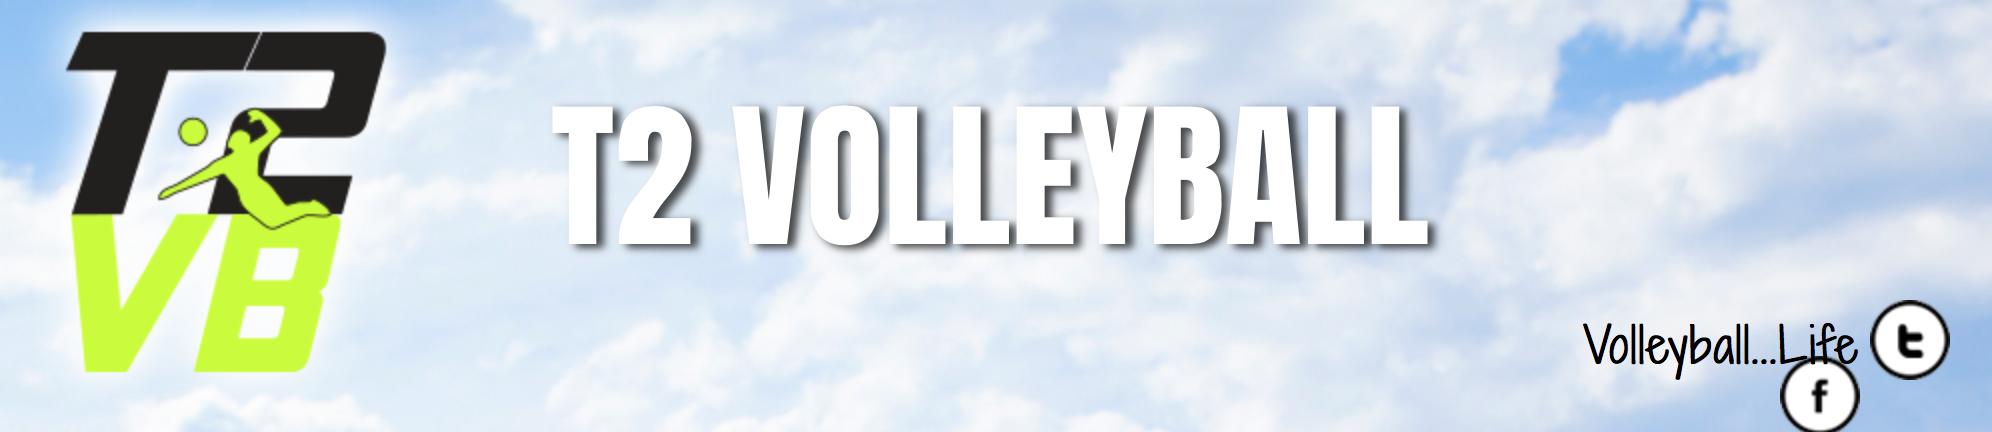 T2vb banner website